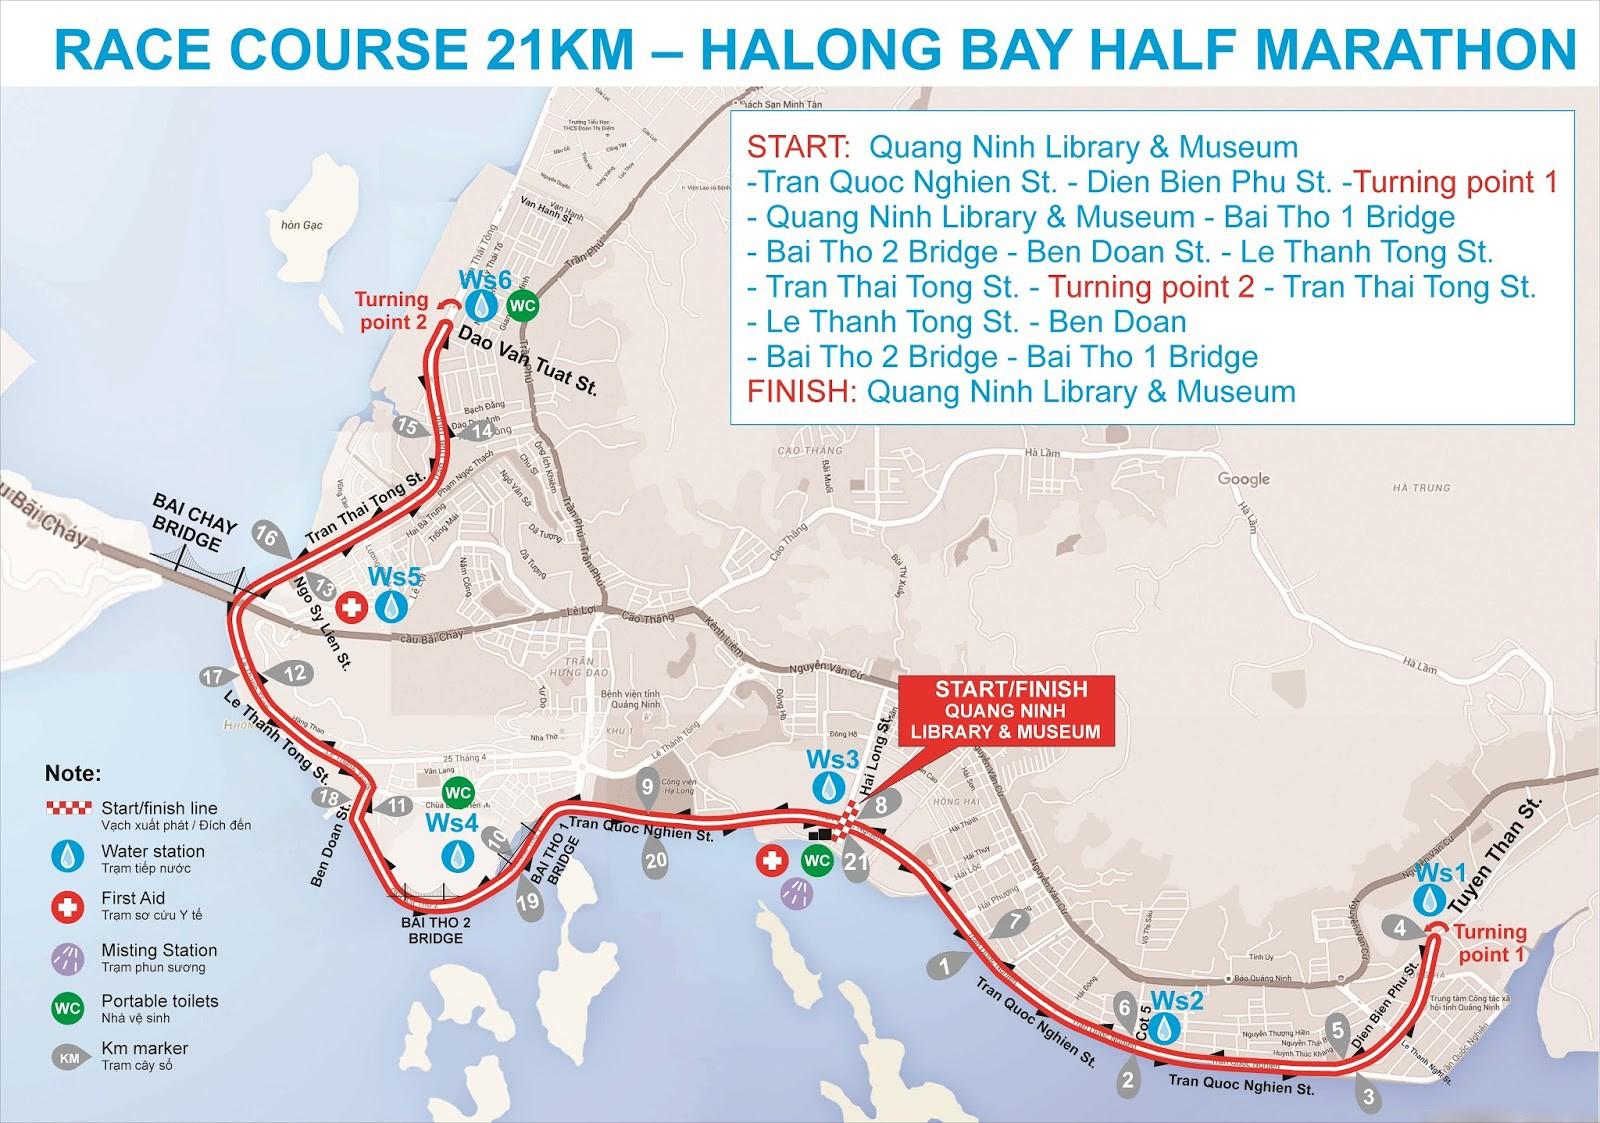 Sơ đồ đường chạy Ha Long Heritage Marathon 2016 21 km